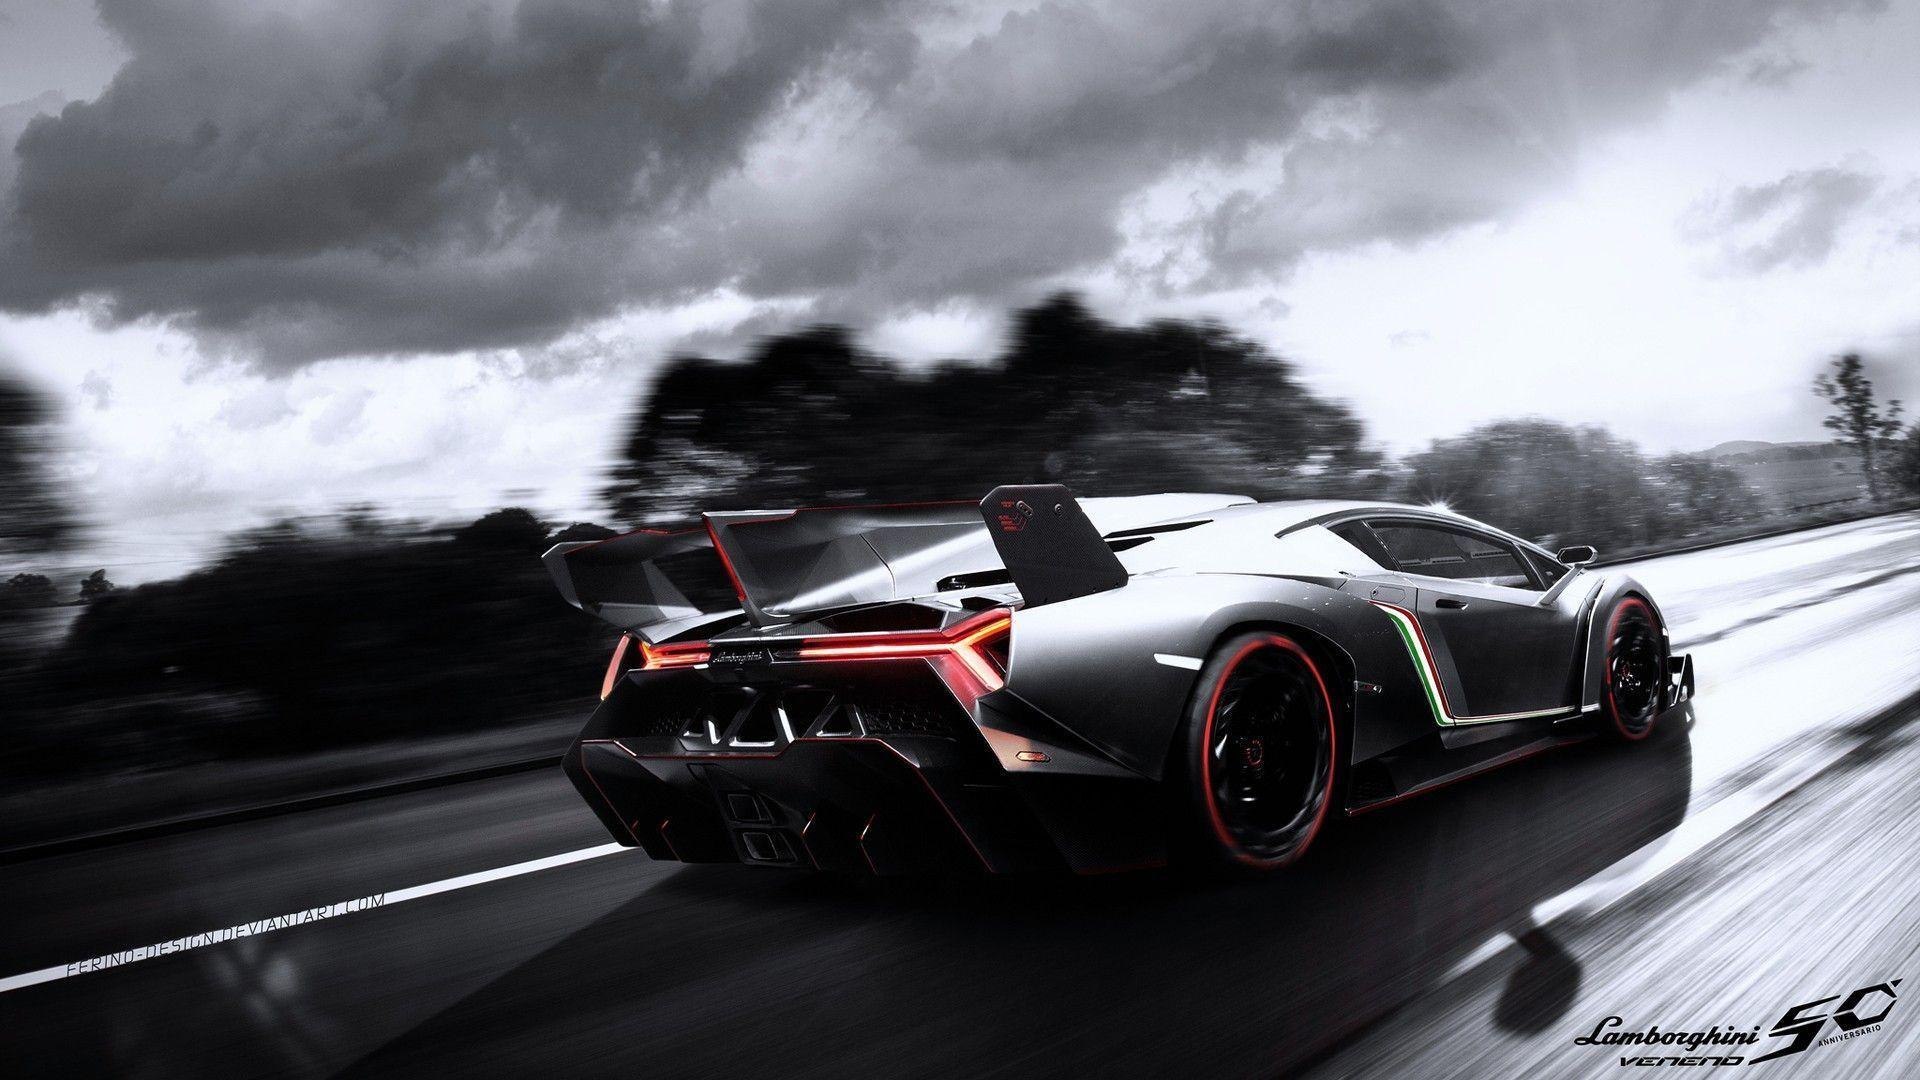 Lamborghini Wallpapers Black 3802 Full HD Wallpaper Desktop - Res ...